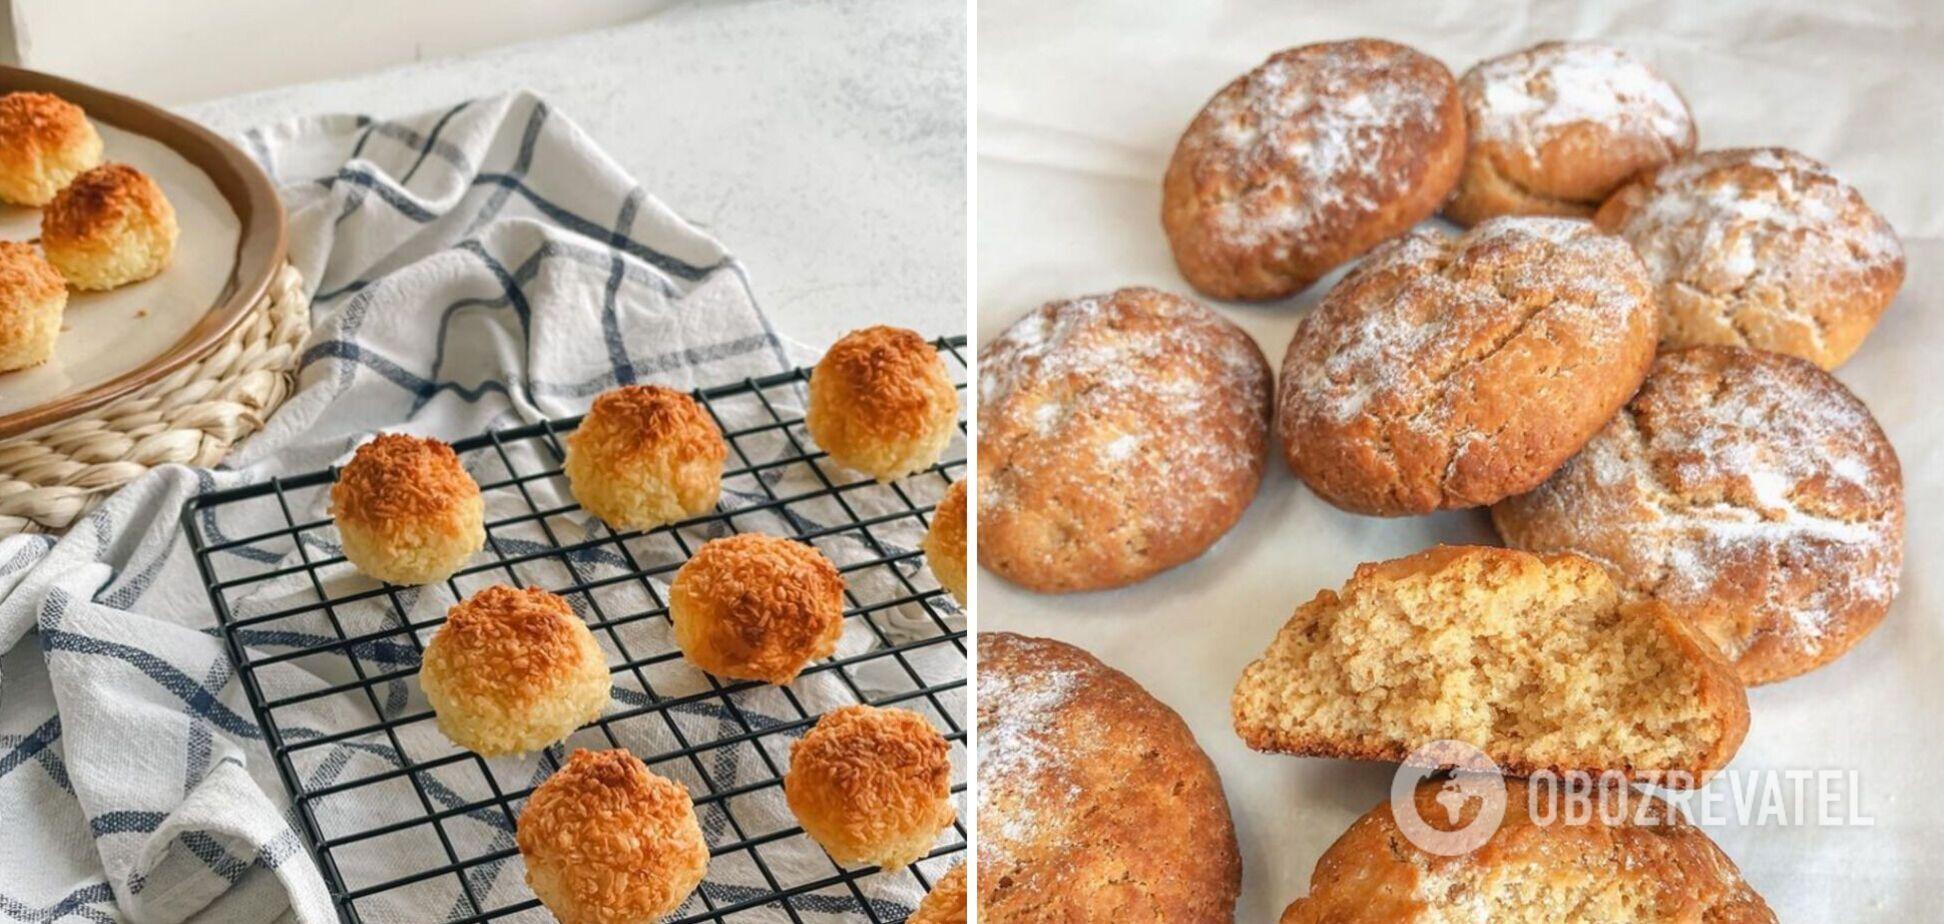 Як приготувати небанальне печиво: мінімум інгредієнтів та часу